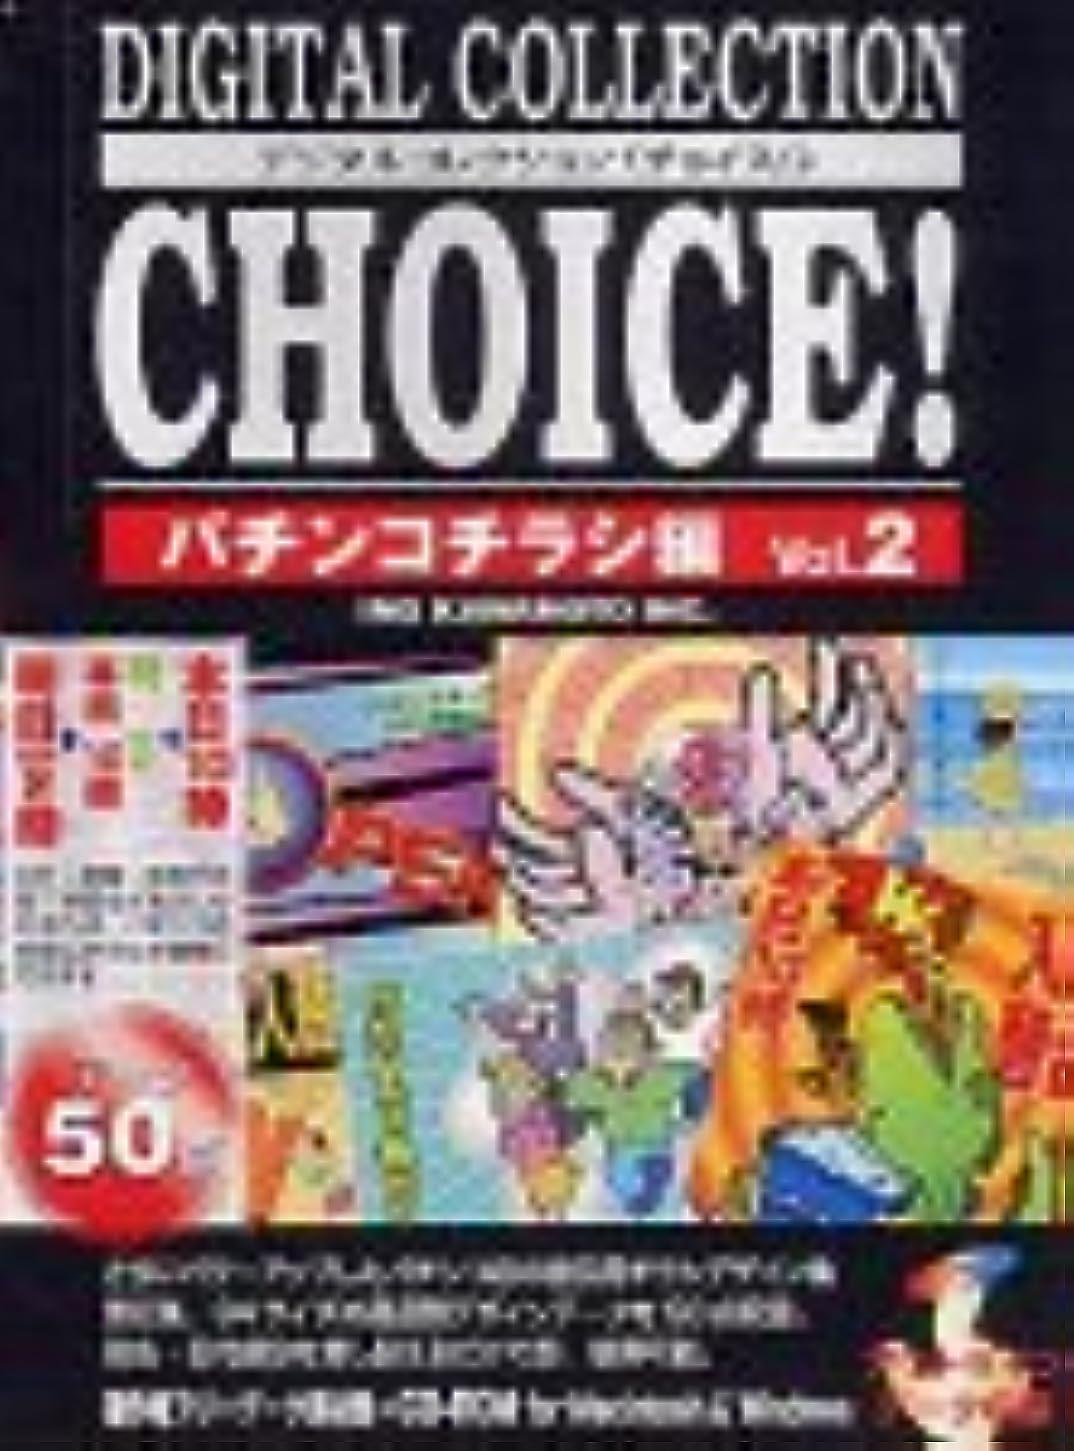 特性フォーラム容赦ないDigital Collection Choice! No.05 パチンコチラシ編 Vol.2